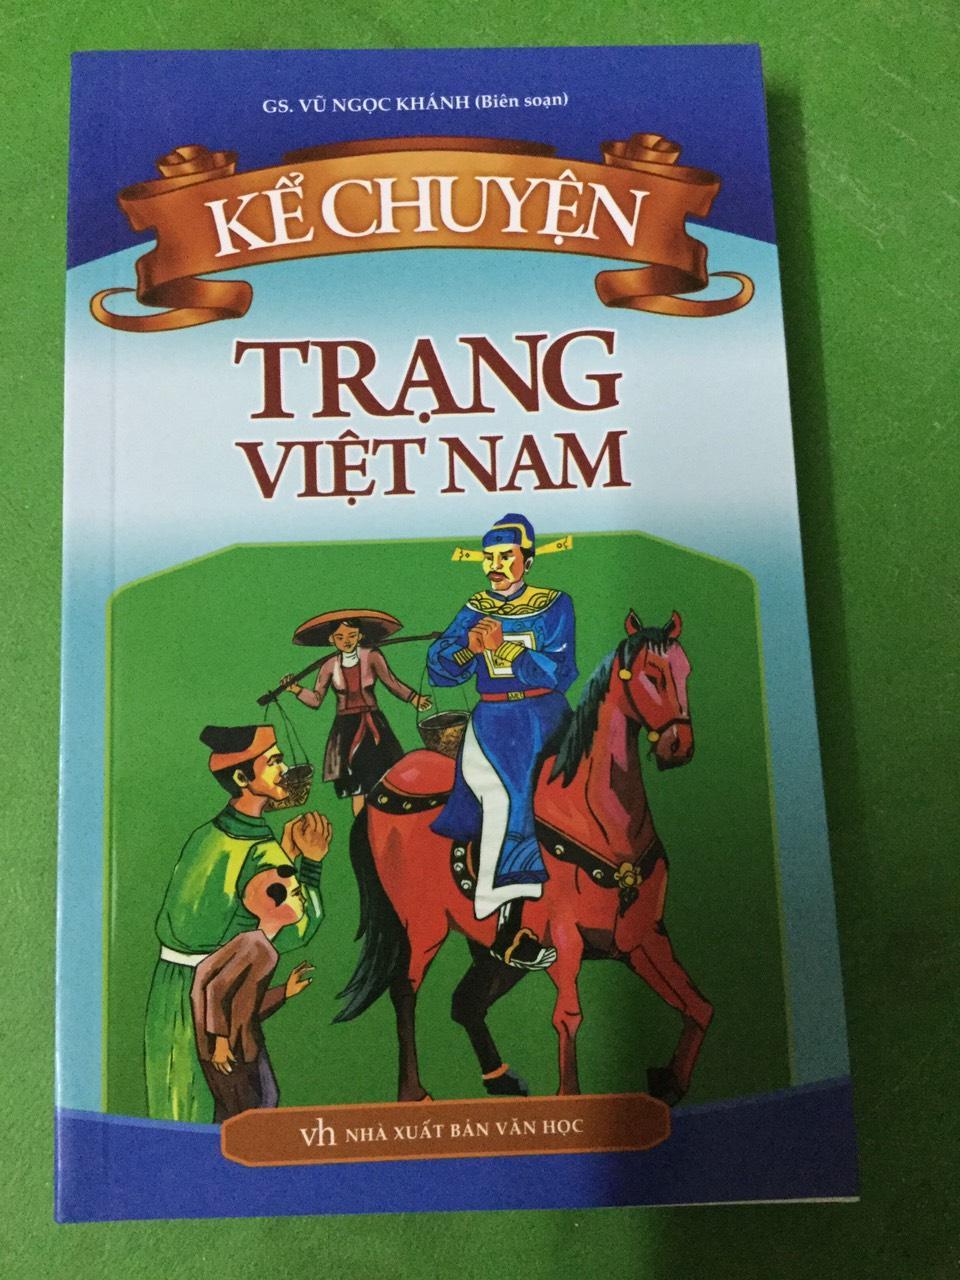 Giá Tiết Kiệm Để Sở Hữu Ngay Kể Chuyện Trạng Việt Nam